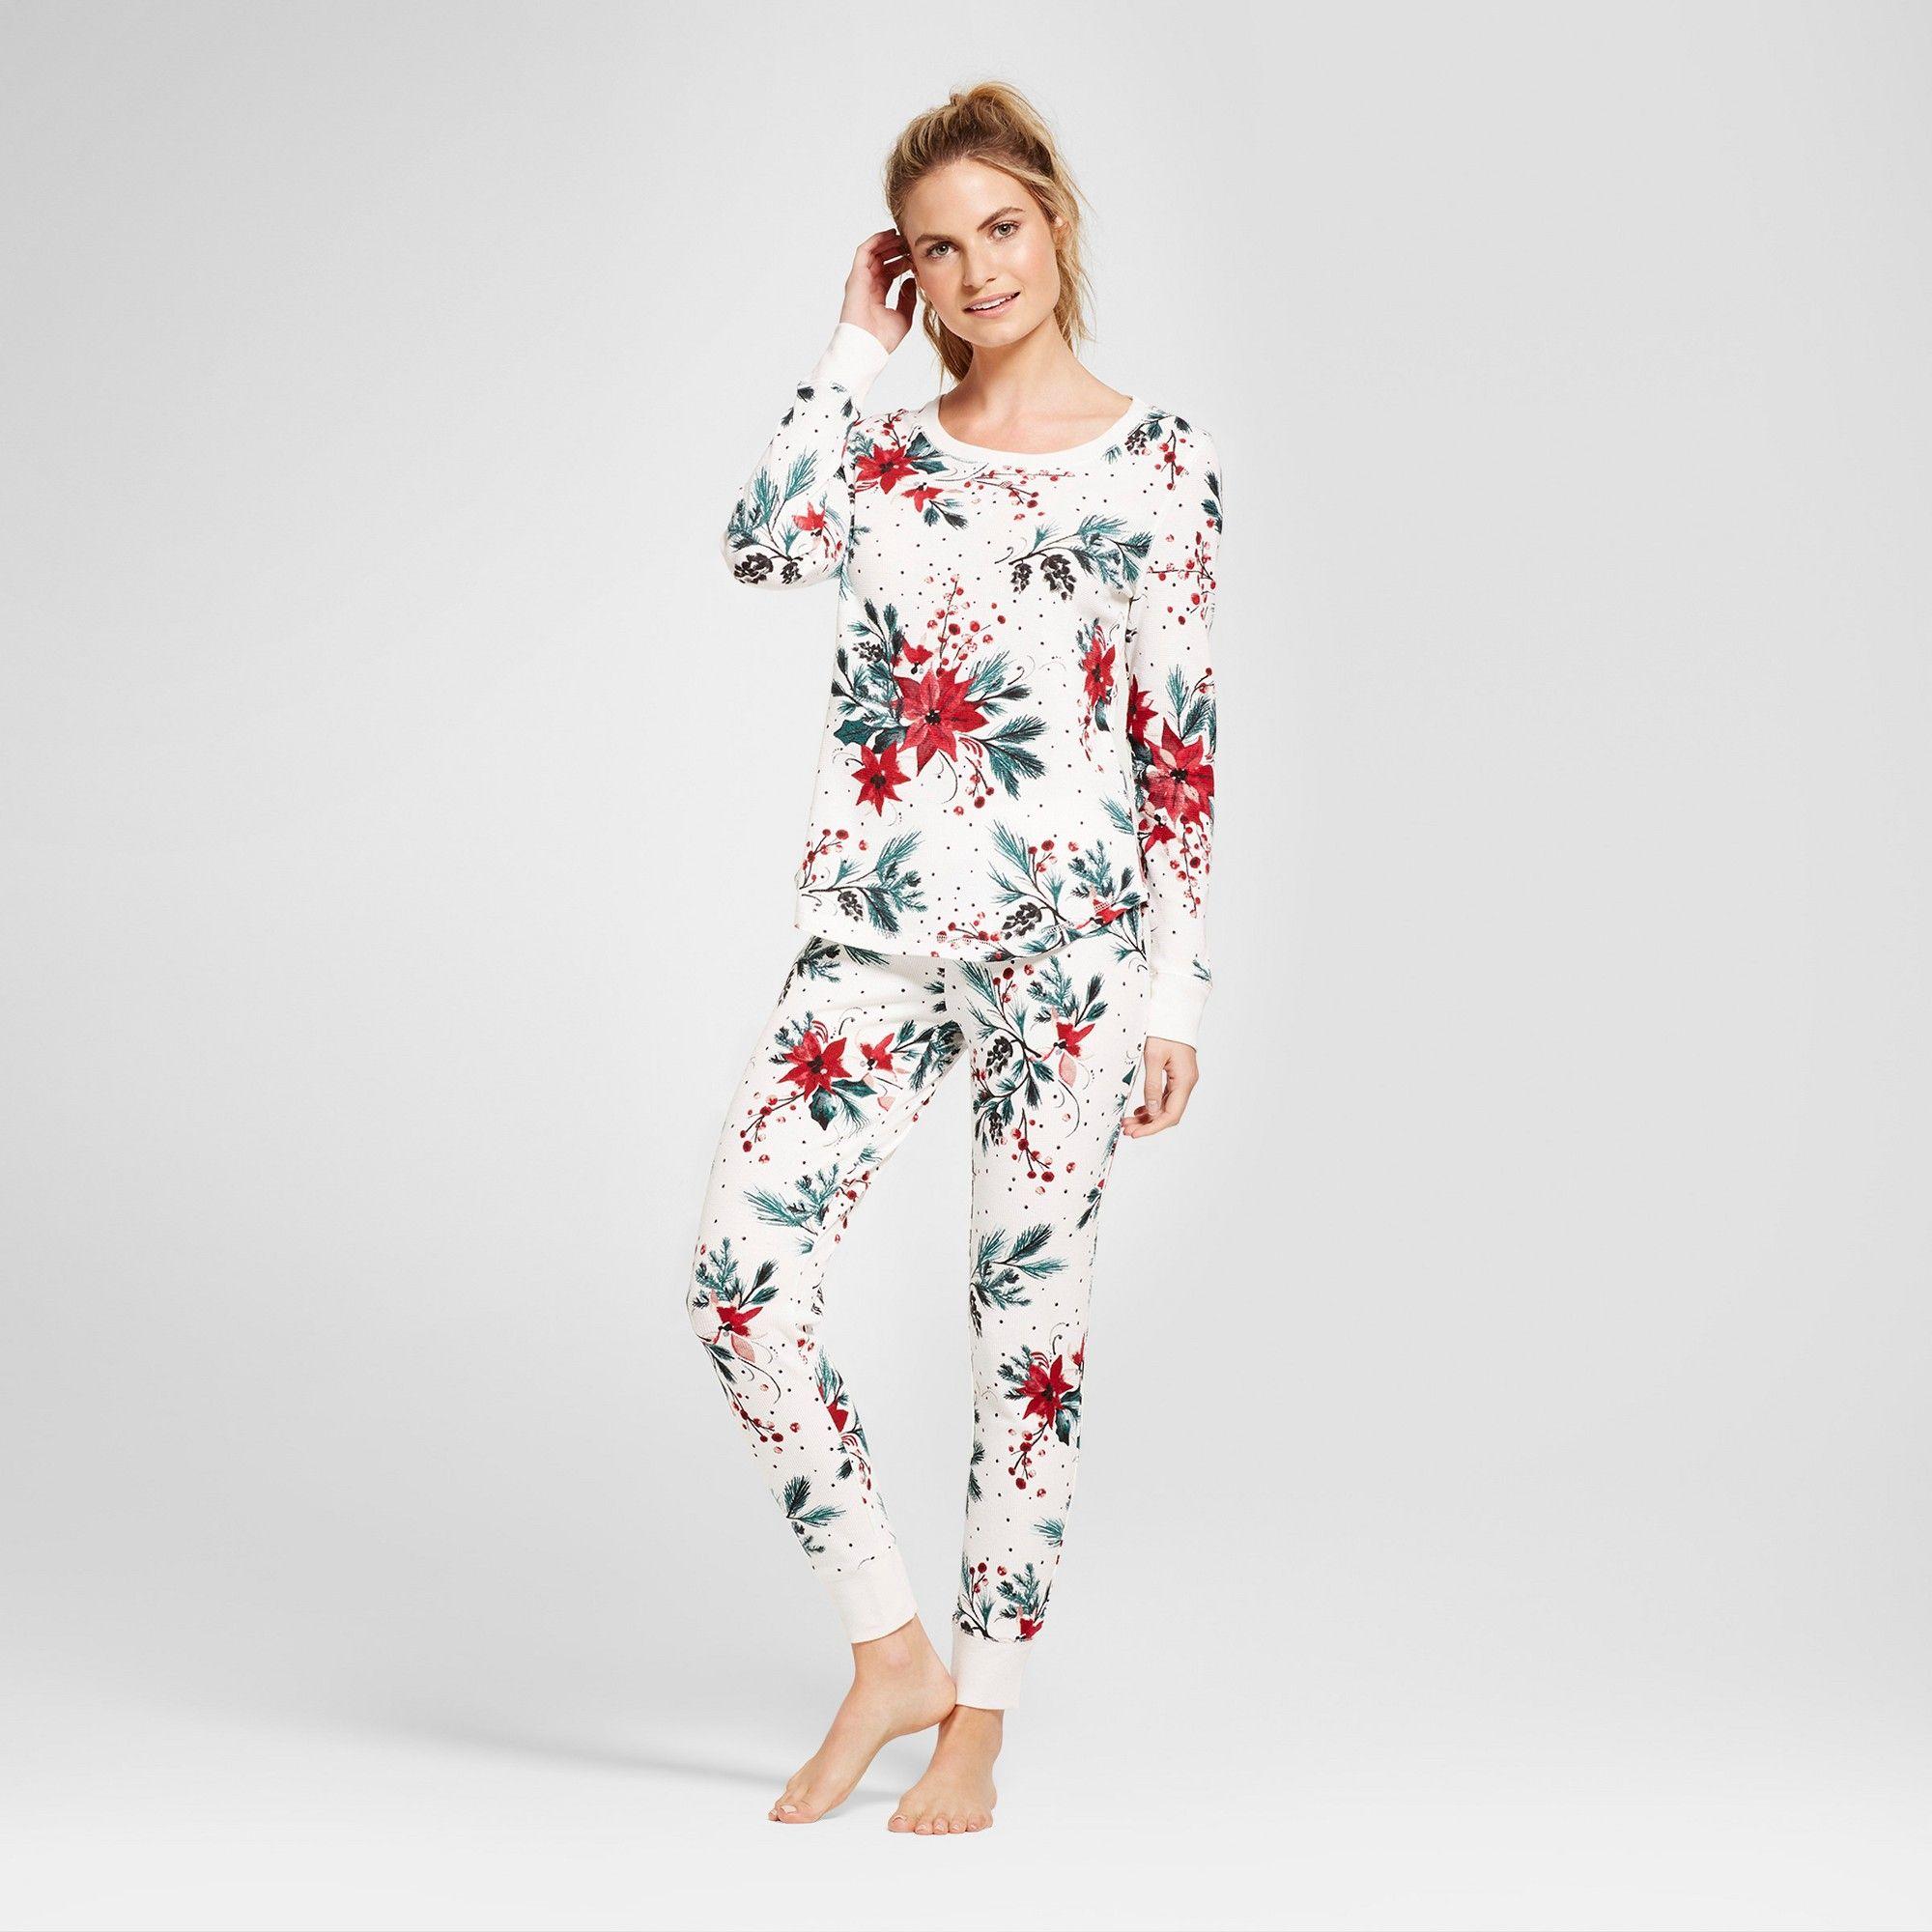 Women's Pajama Set Almond Cream S, White Pajama set